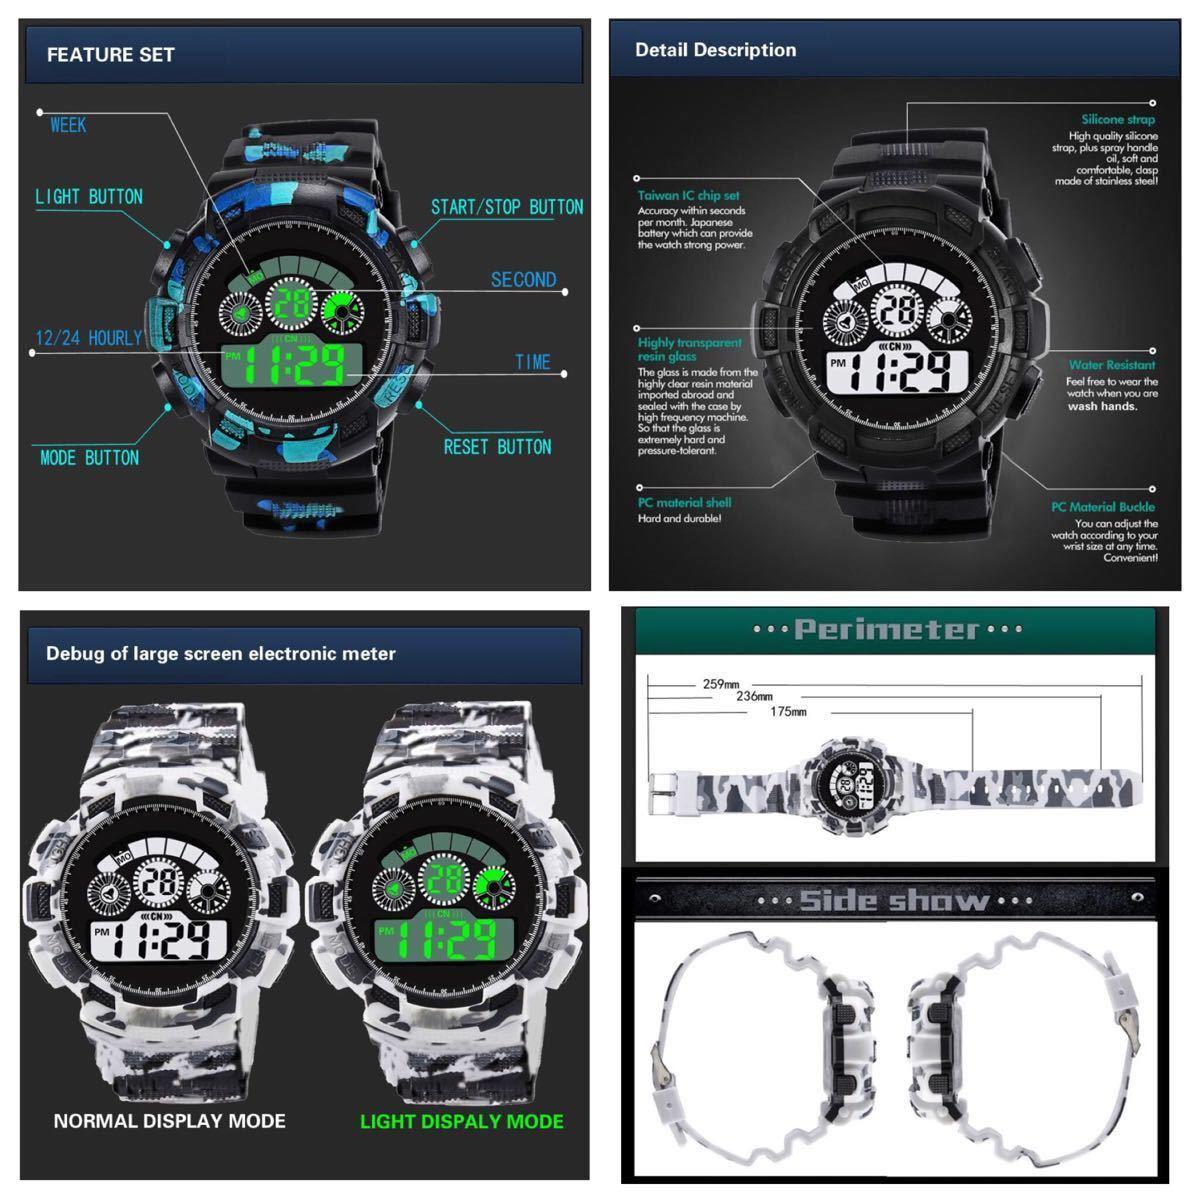 スポーツ腕時計 LEDライト デジタル 腕時計 ミリタリー 耐久性 スポーツ アウトドア ランニング アウトドア 男女兼用 ブラック シンプル_画像5